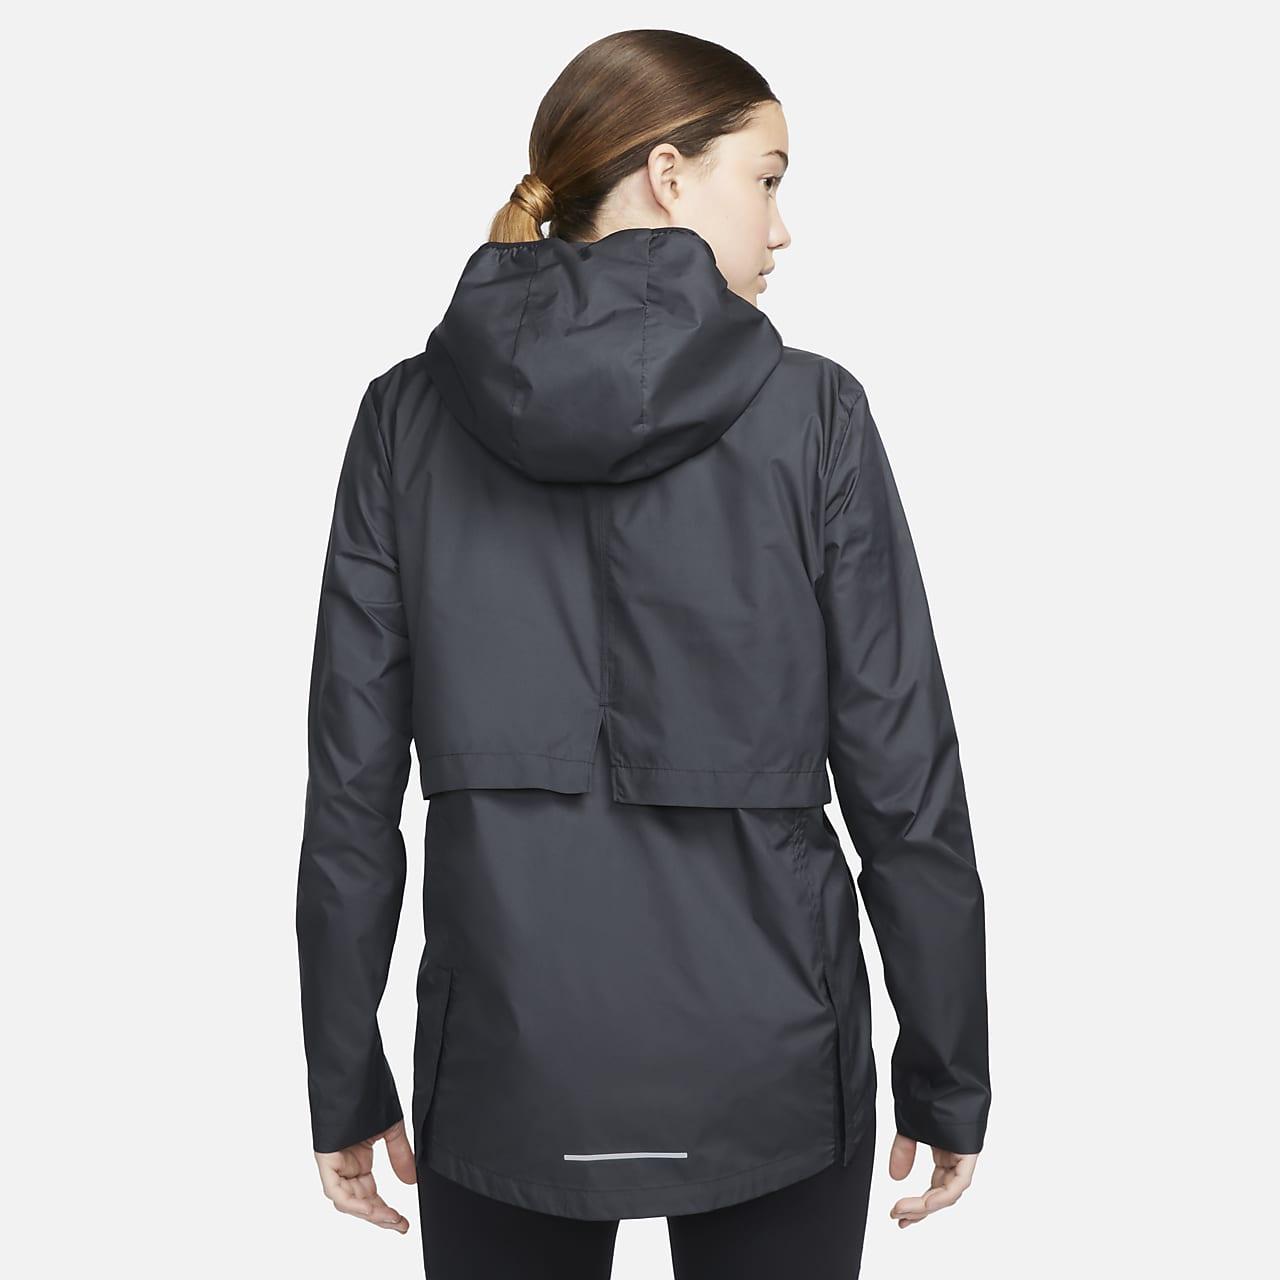 Femme Running Veste Essential Nike Pluie De Repliable Pour CerBdxoW